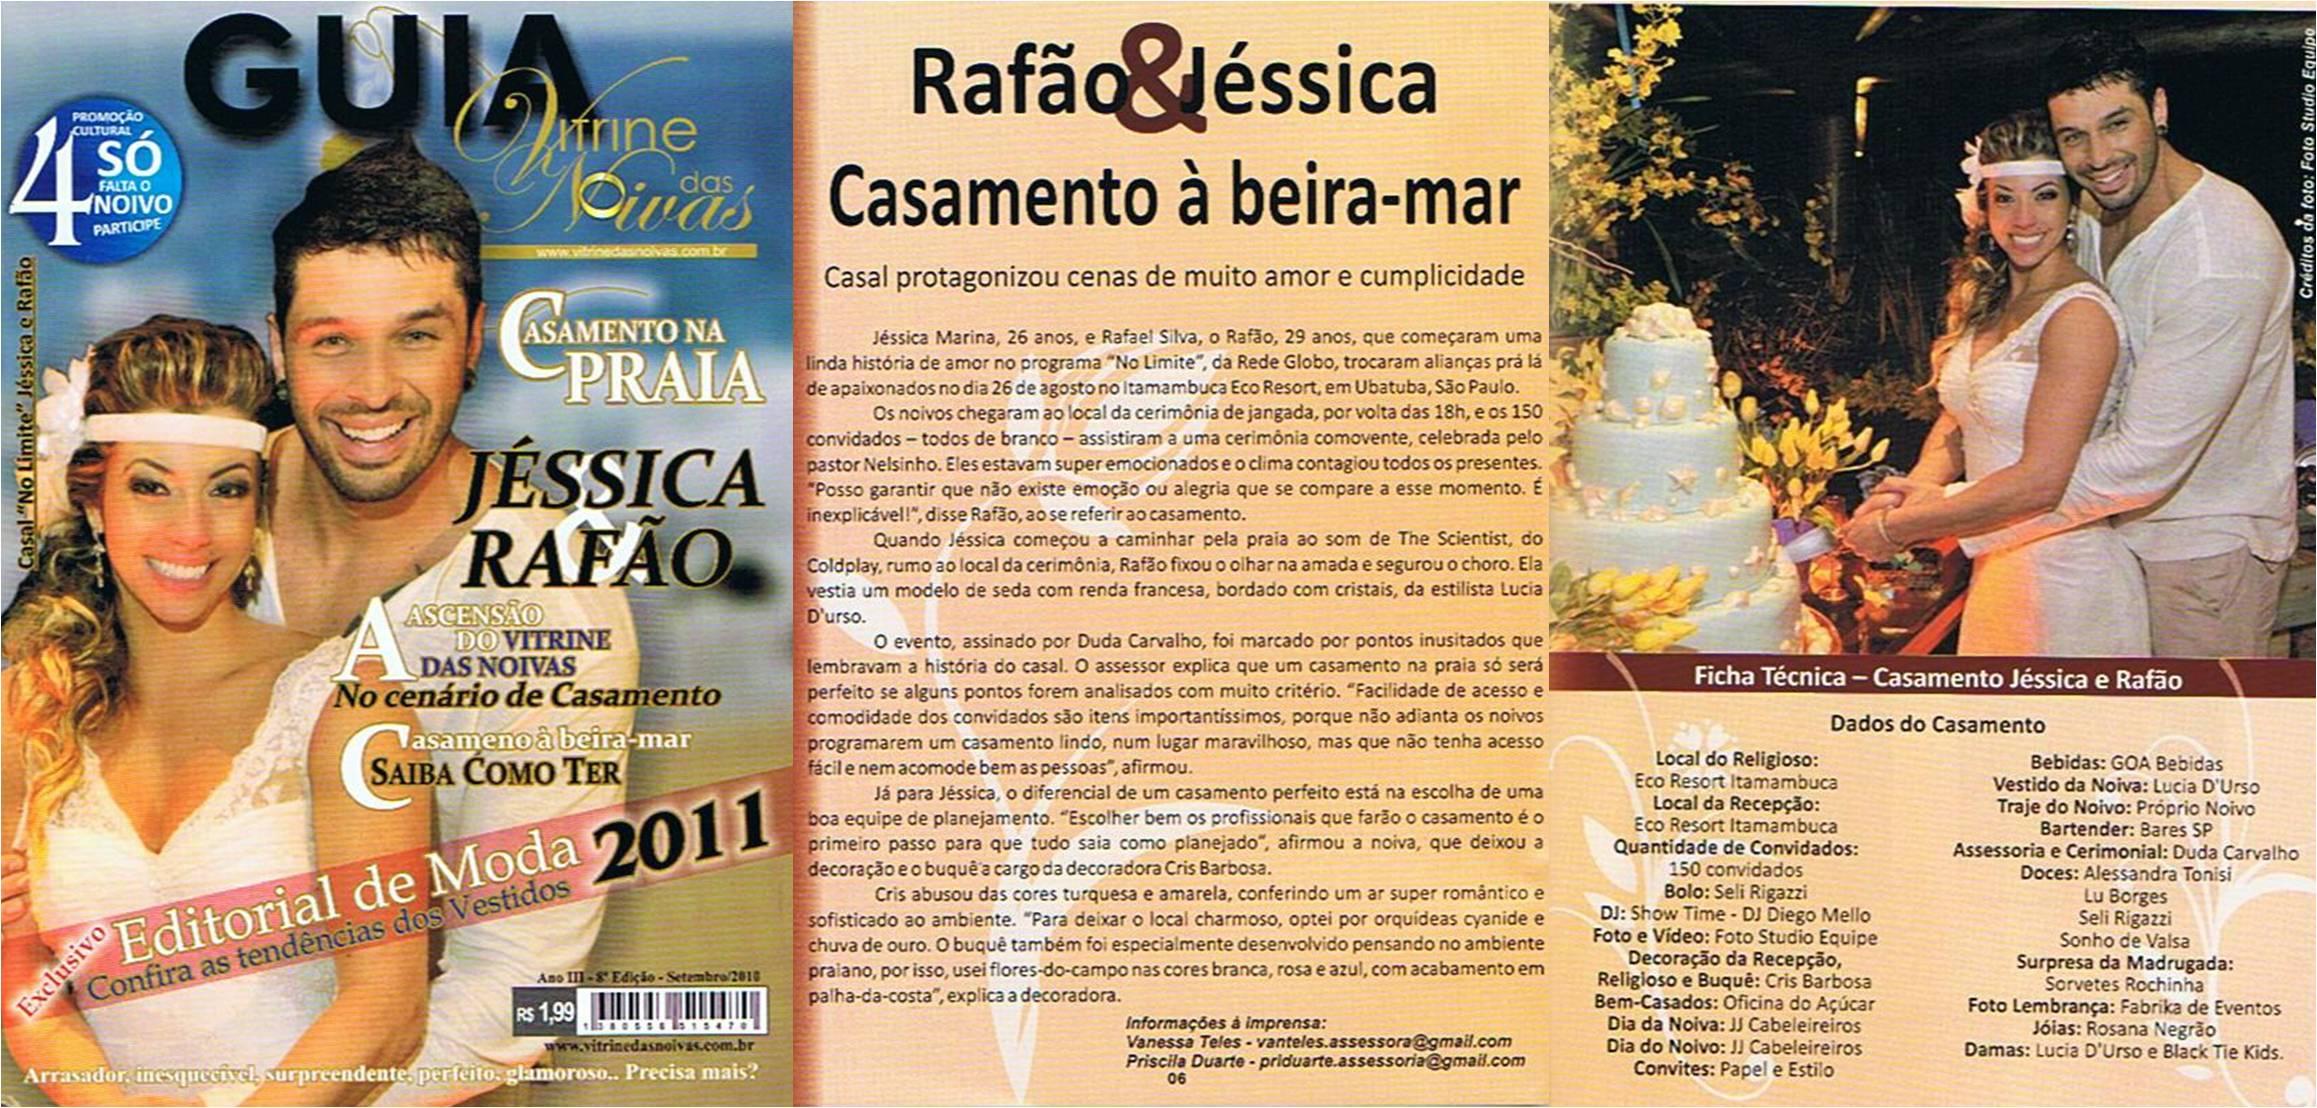 BaresSP no casamento de Jéssica e Rafão BaresSP image